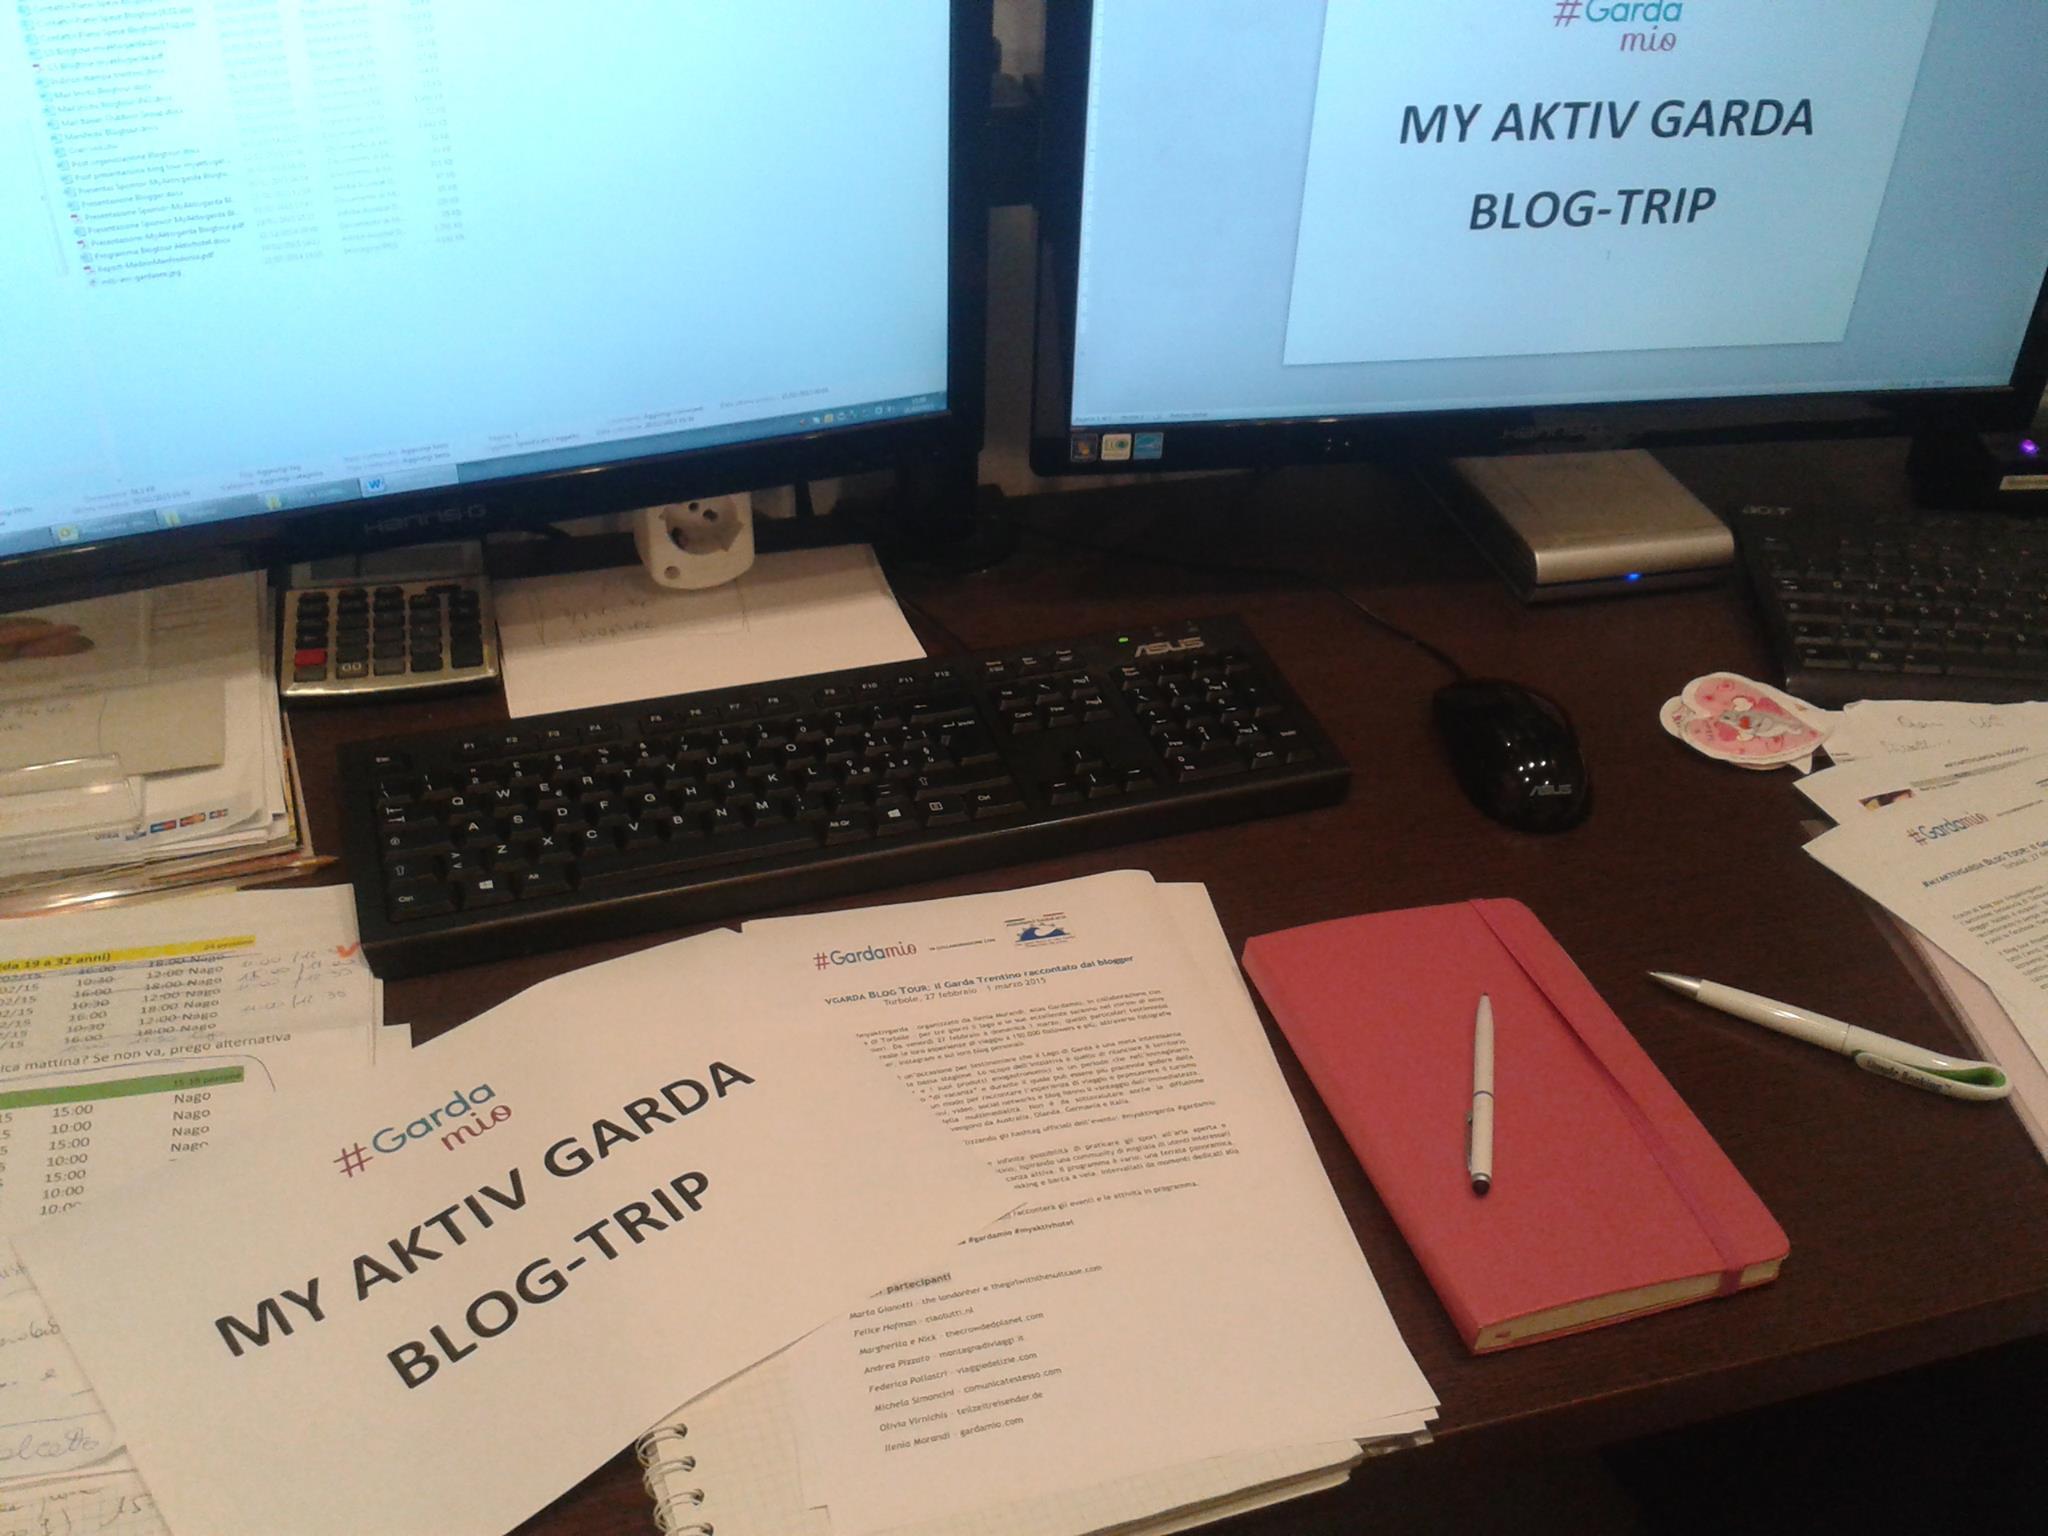 Come organizzare un blog tour: la mia versione di #myAktivGarda